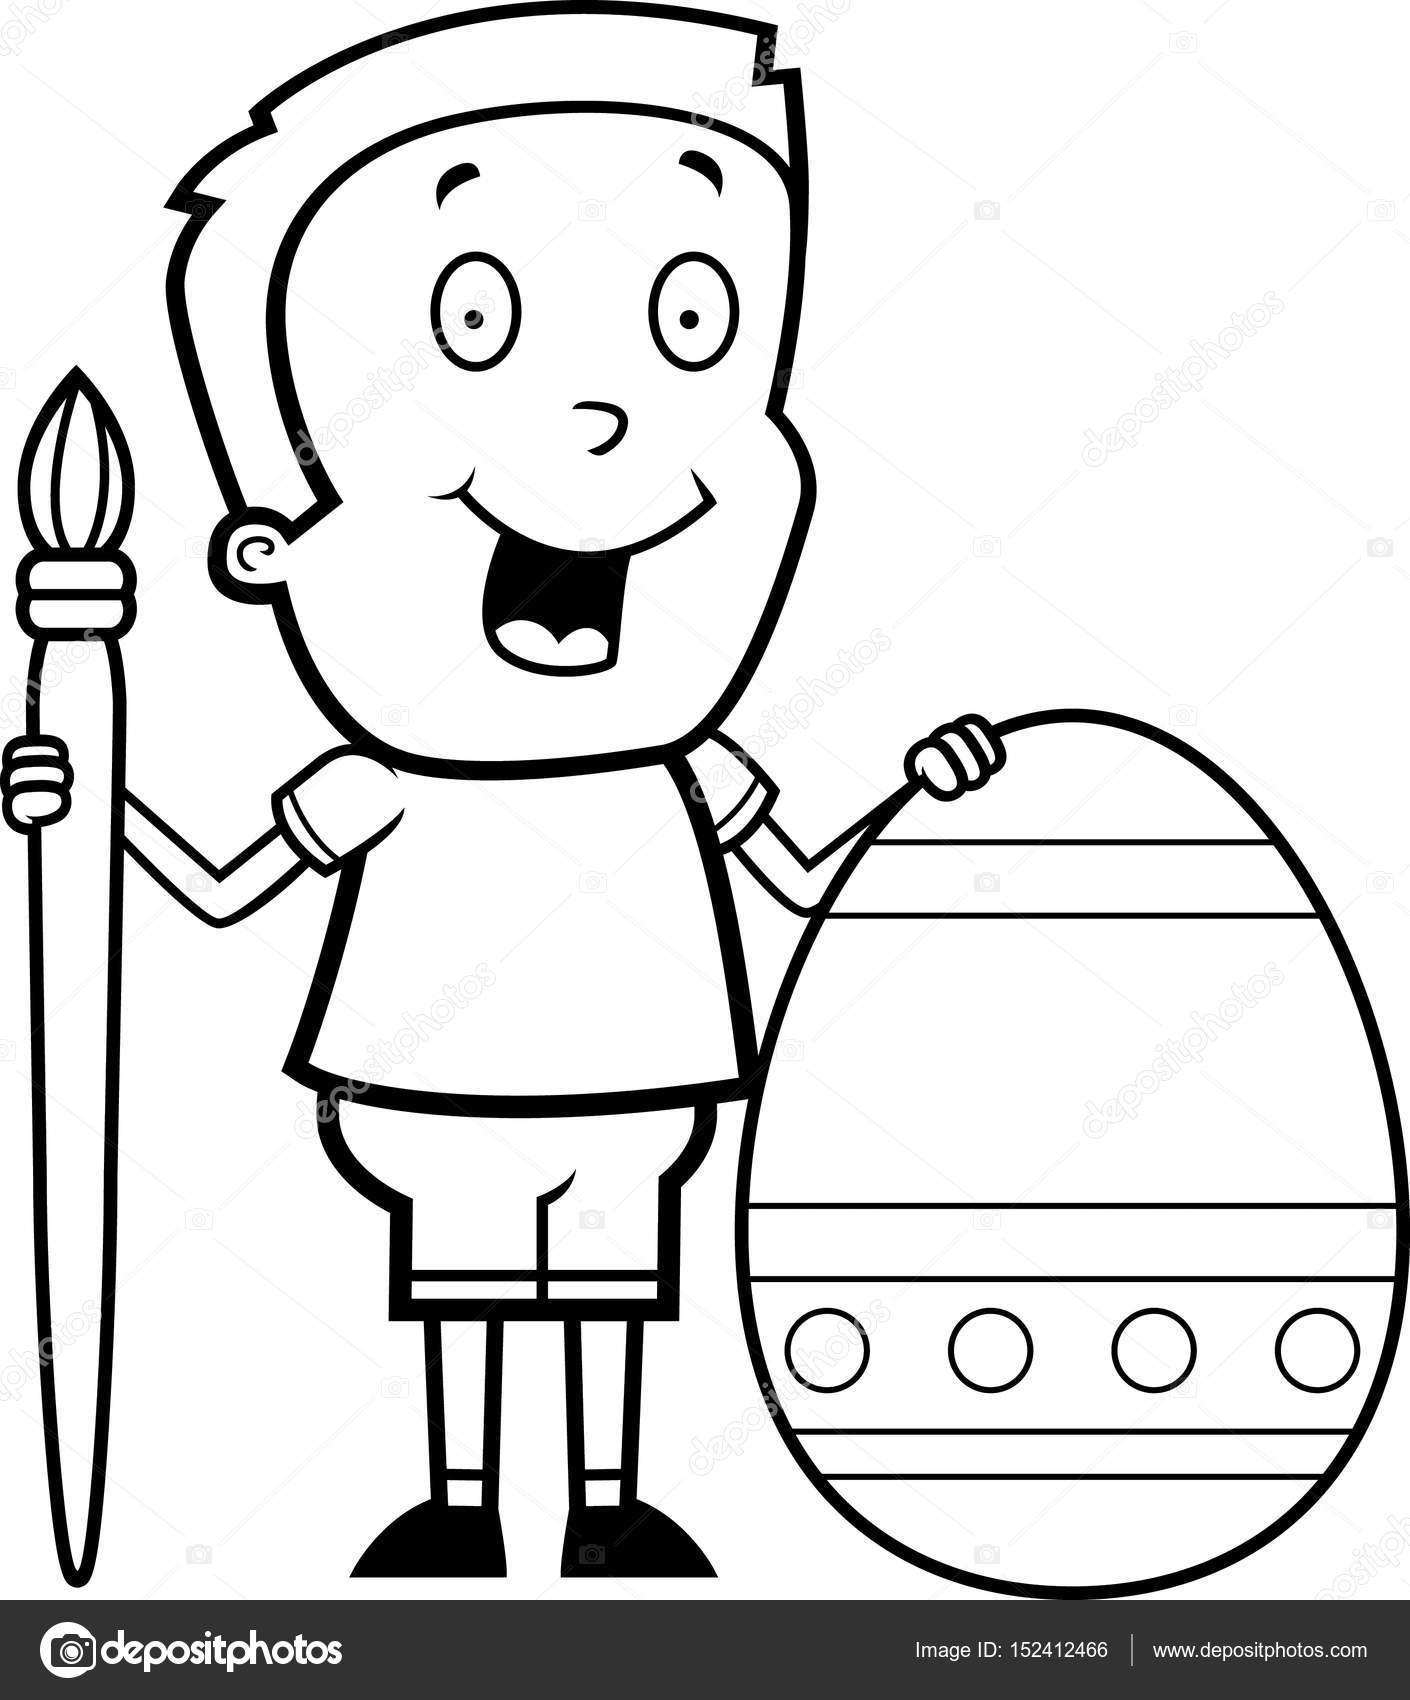 dibujos animados niño pintura de huevos de Pascua — Archivo Imágenes ...